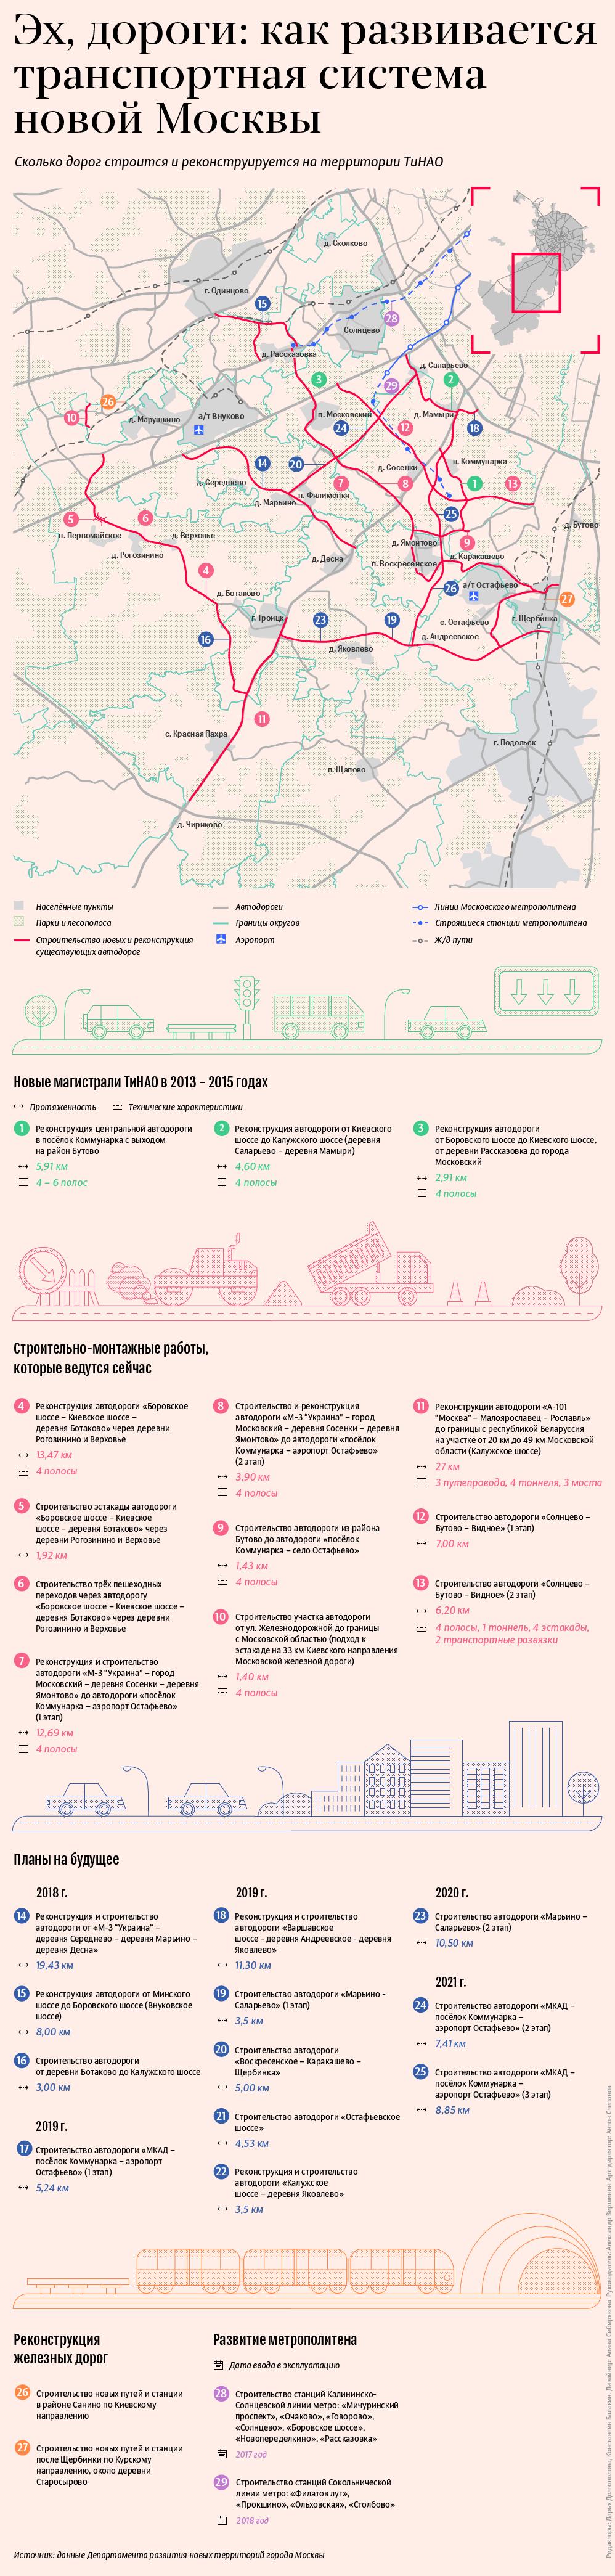 Как развивается транспортная система новой Москвы